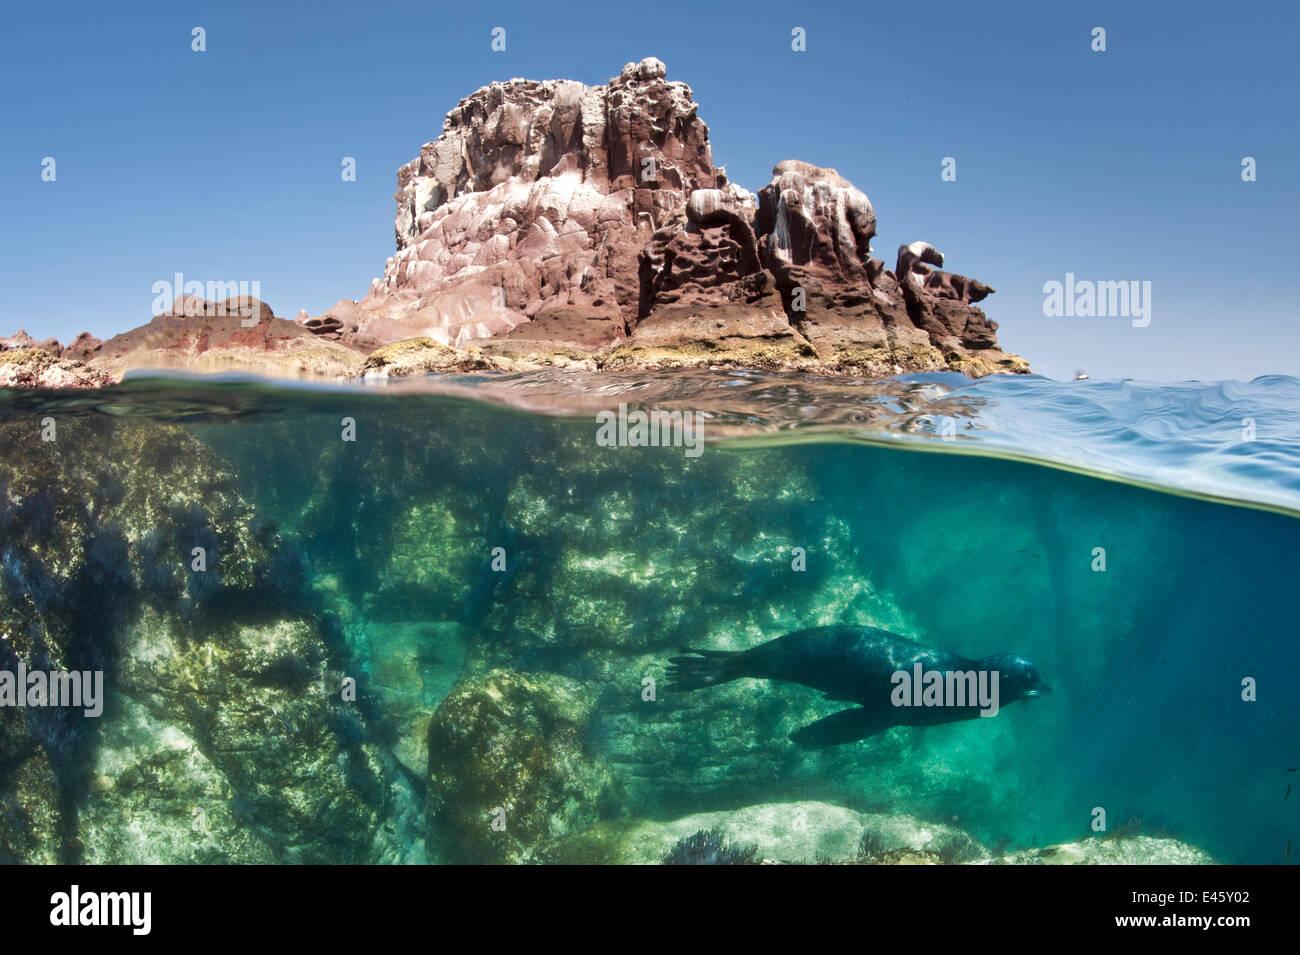 Una vista dividida de un toro sealion de California (Zalophus californianus) nadando por debajo de los Islotes sealion colonia. La Paz, México. Mar de Cortez, en medio del Océano Pacífico. Foto de stock